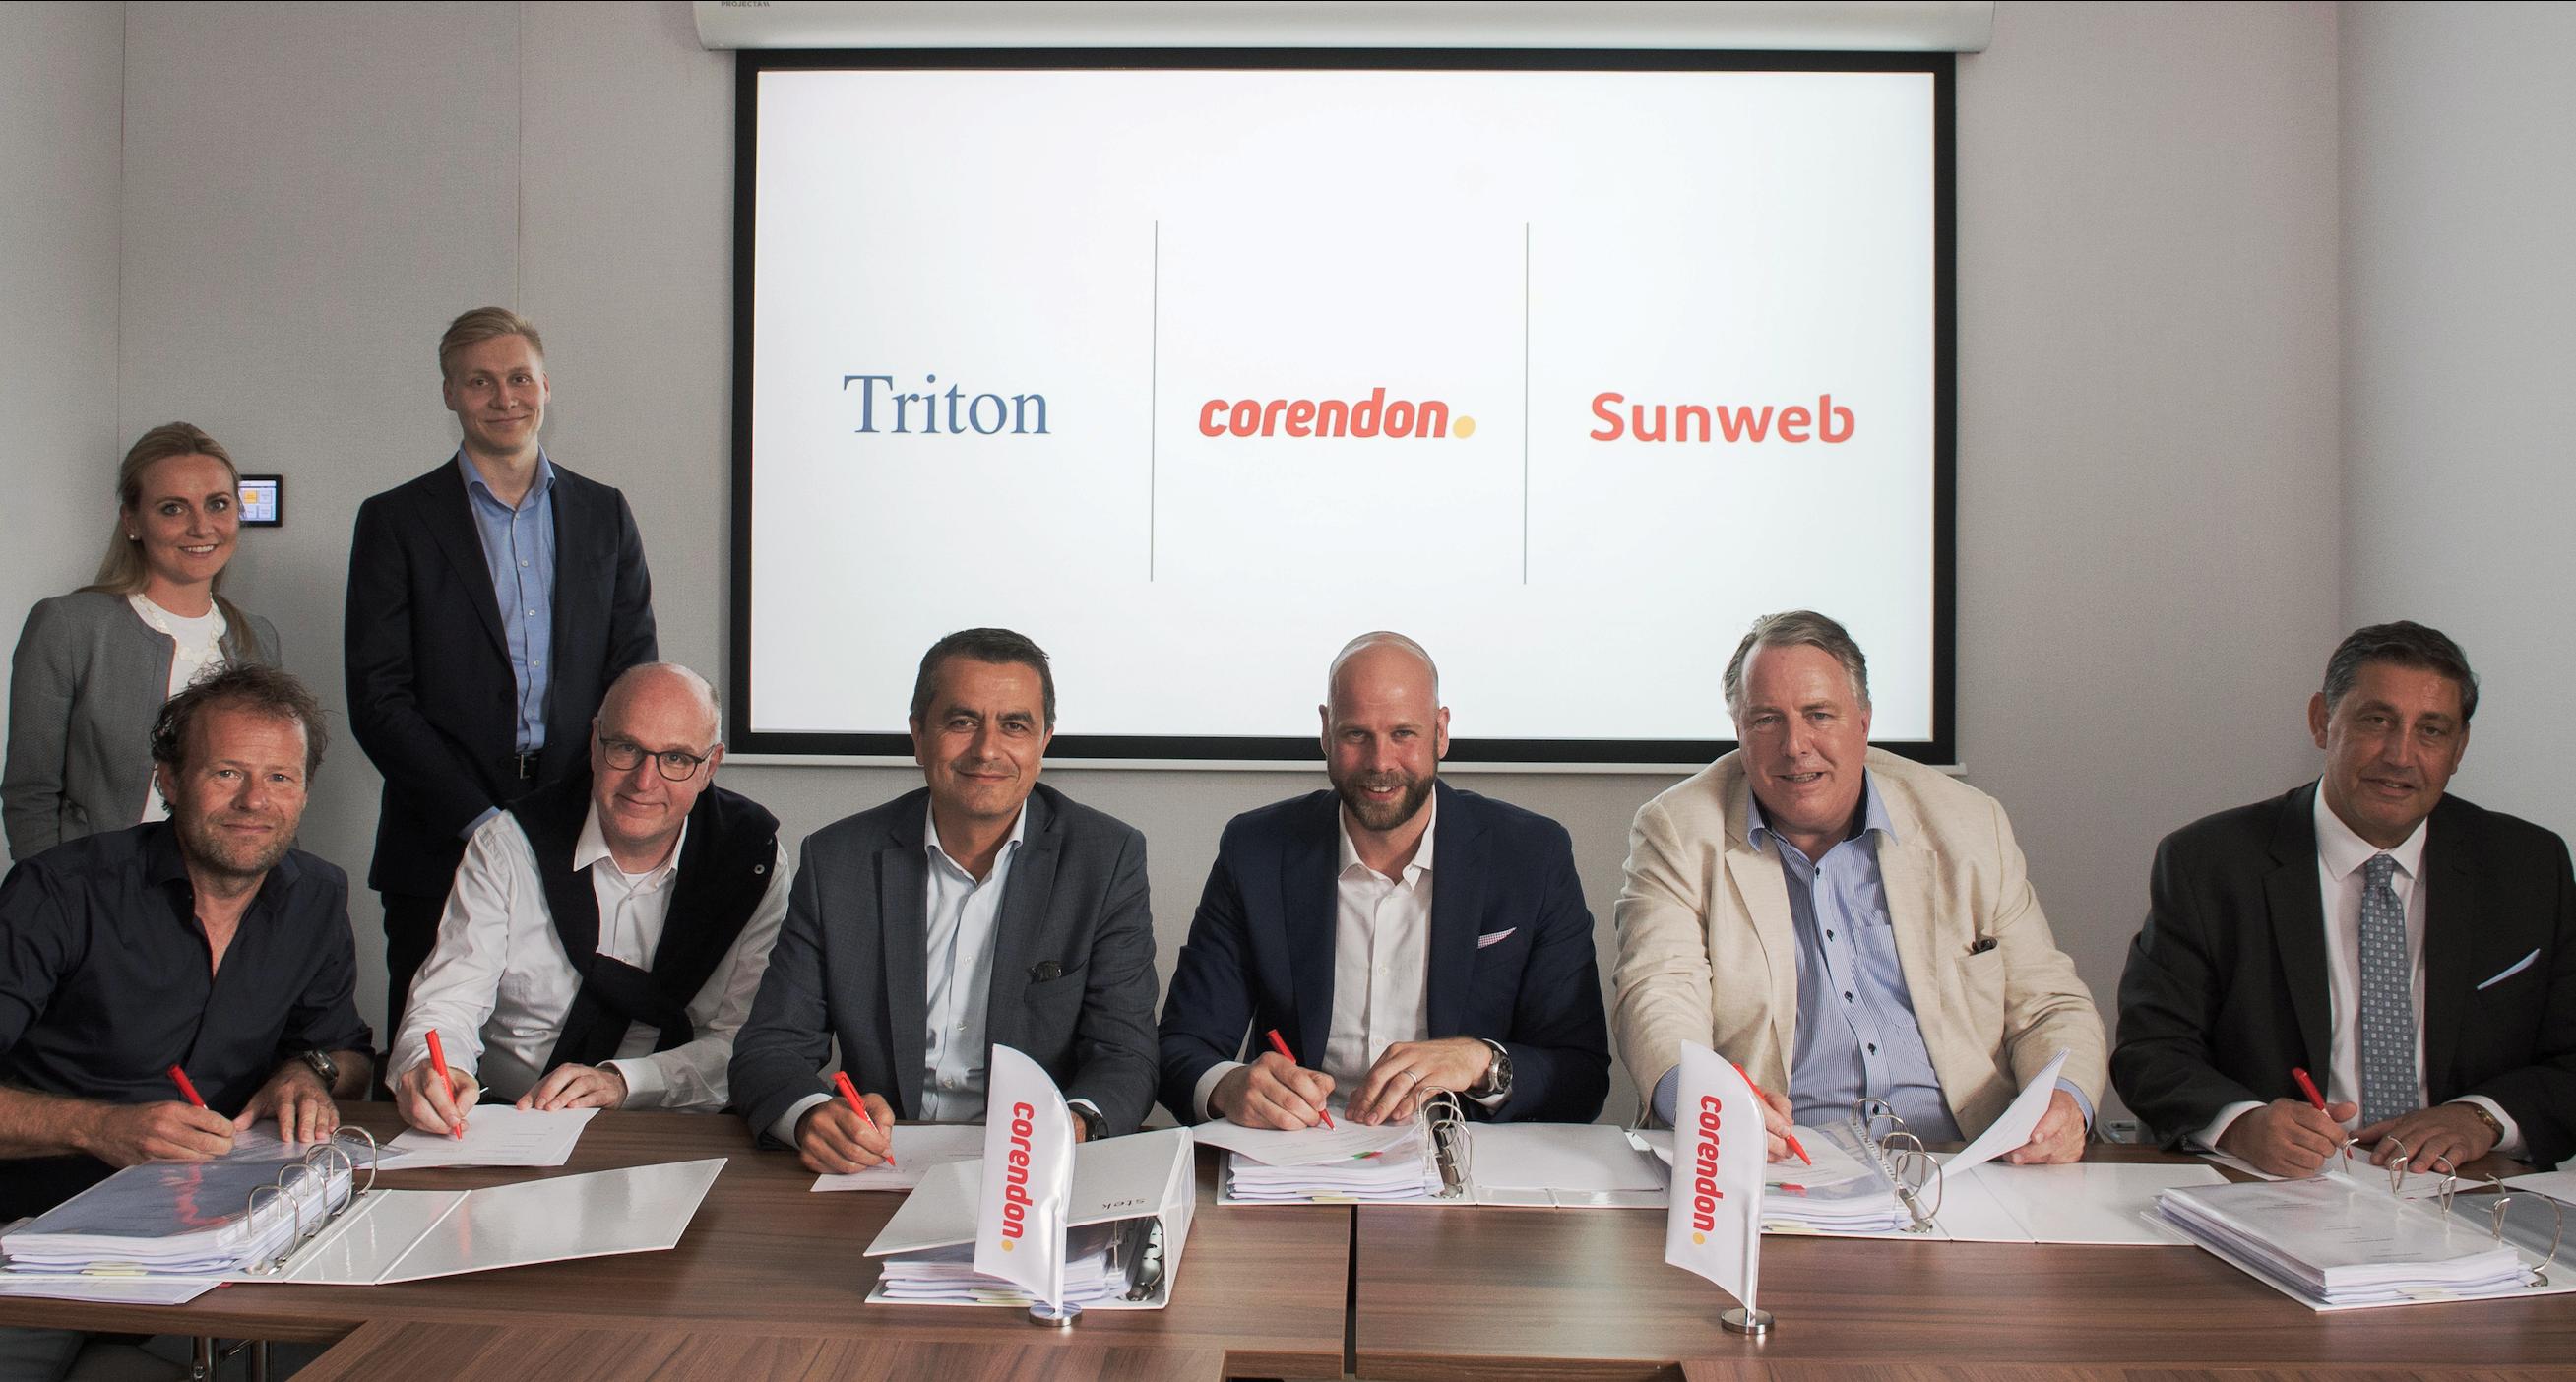 Underskriftsceremonien ved Tritons køb af Corendon gennem Sunweb Group. (Foto: Sunweb/PR)